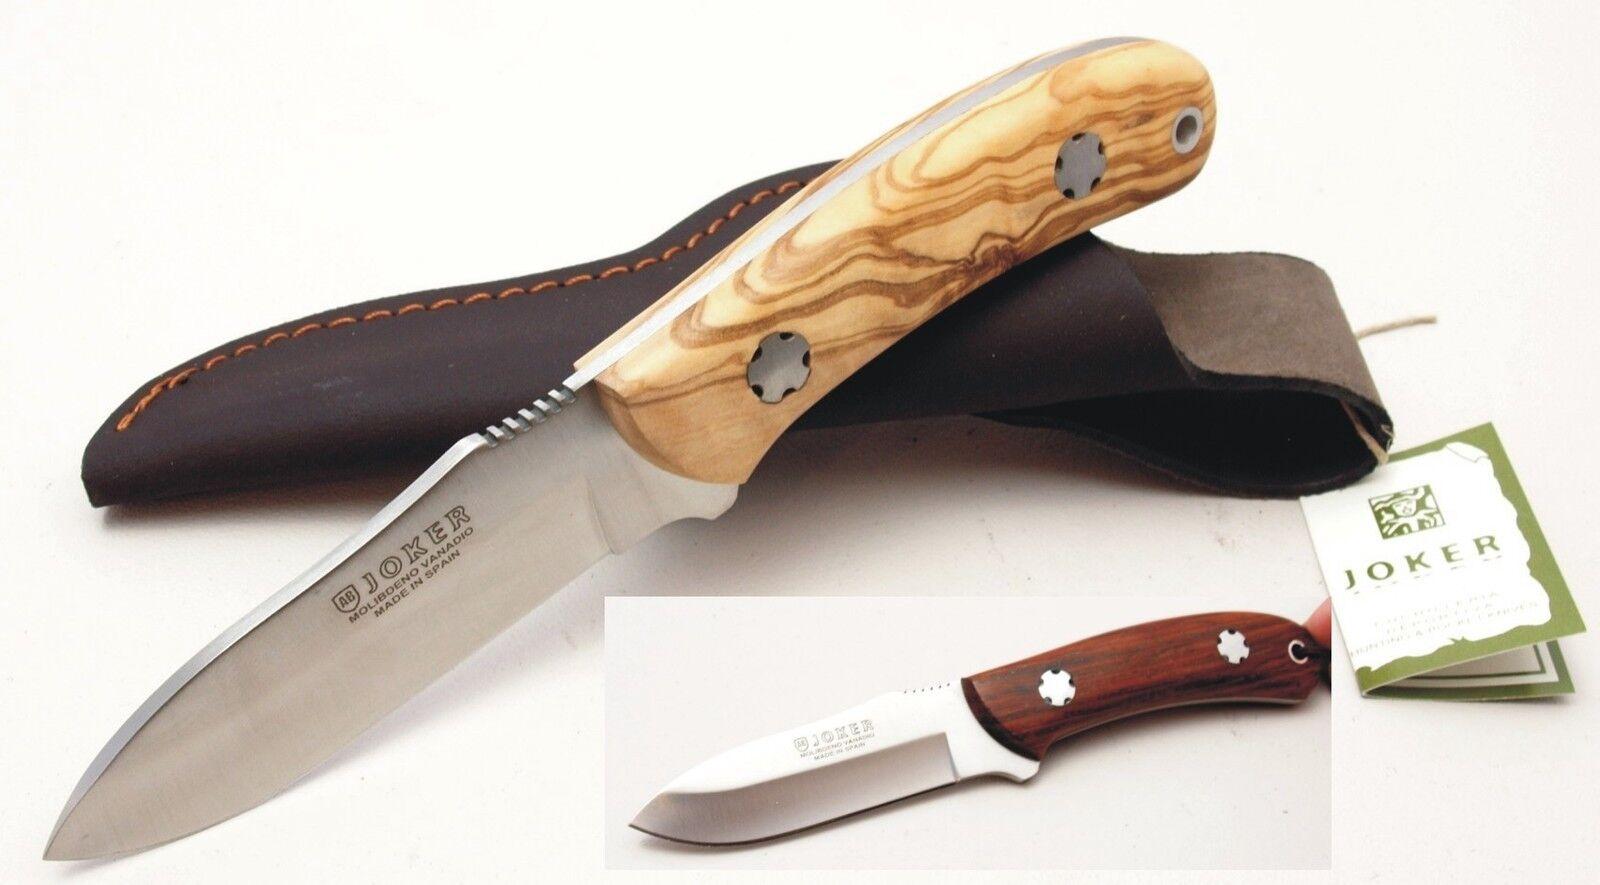 CX87/CO87 Jagdmesser Outdoor Messer MARKENMESSER von JOKER JOKER JOKER Spanien verschiedene 970962